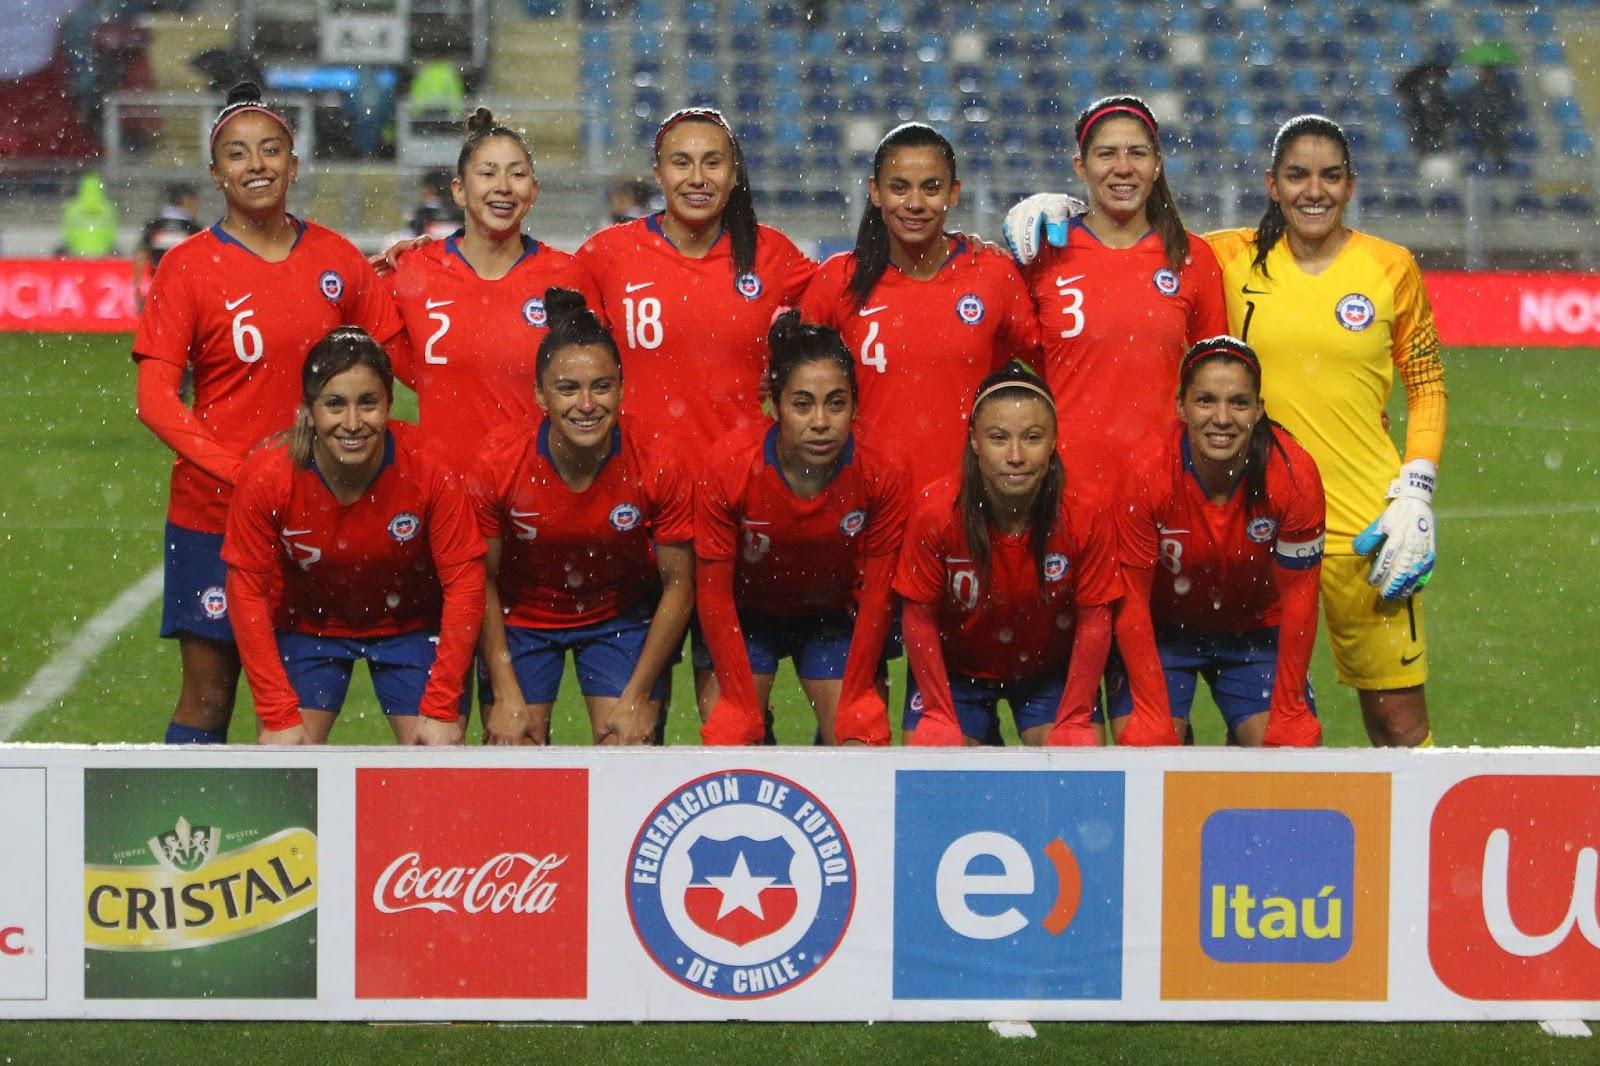 Formación de selección femenina de Chile ante Costa Rica, amistoso disputado el 9 de junio de 2018